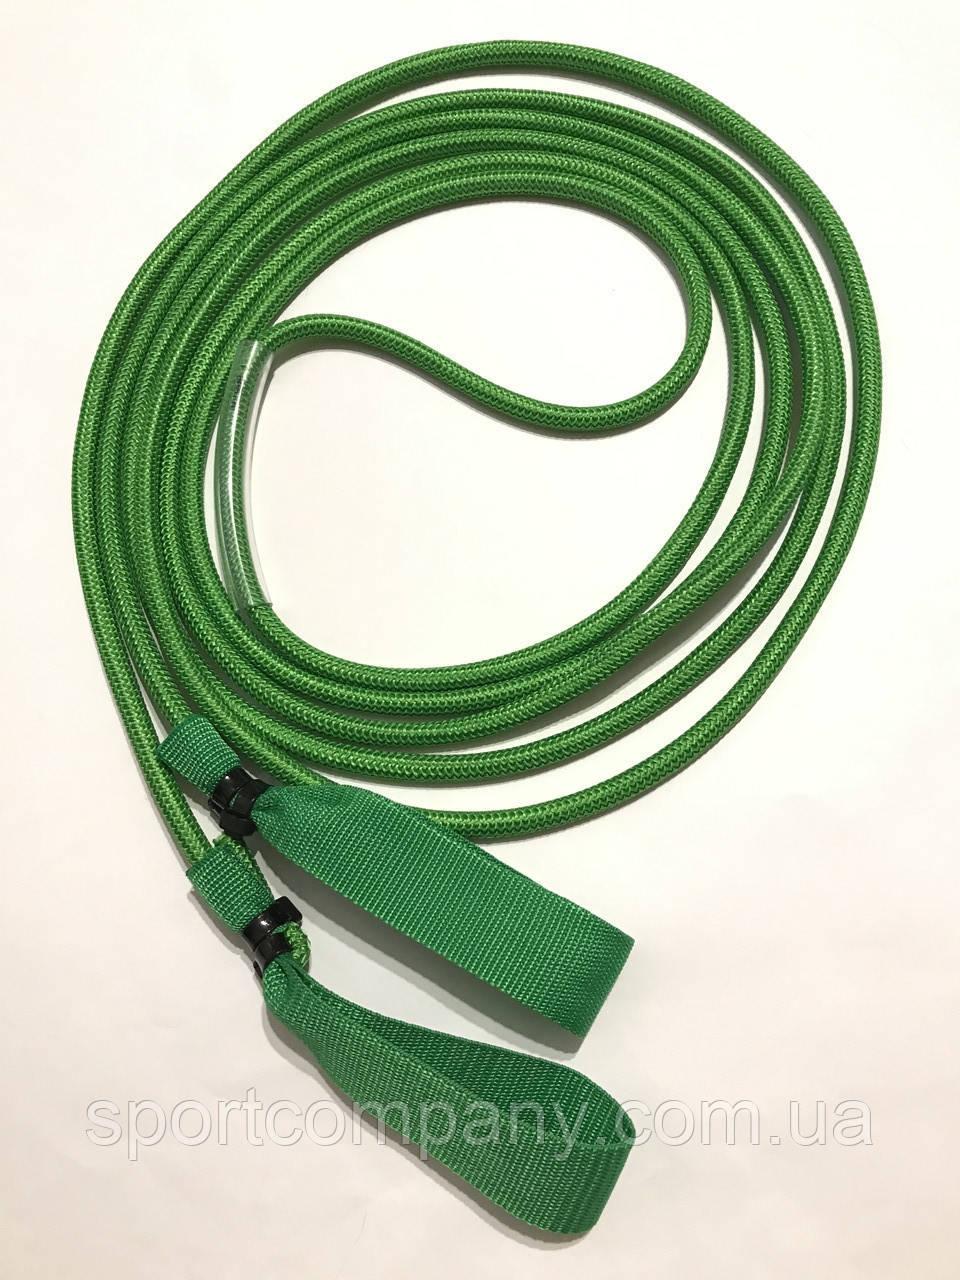 Эспандер для лыжника, боксера, пловца и фитнеса с ручками 10 мм, зеленый, 4 метра